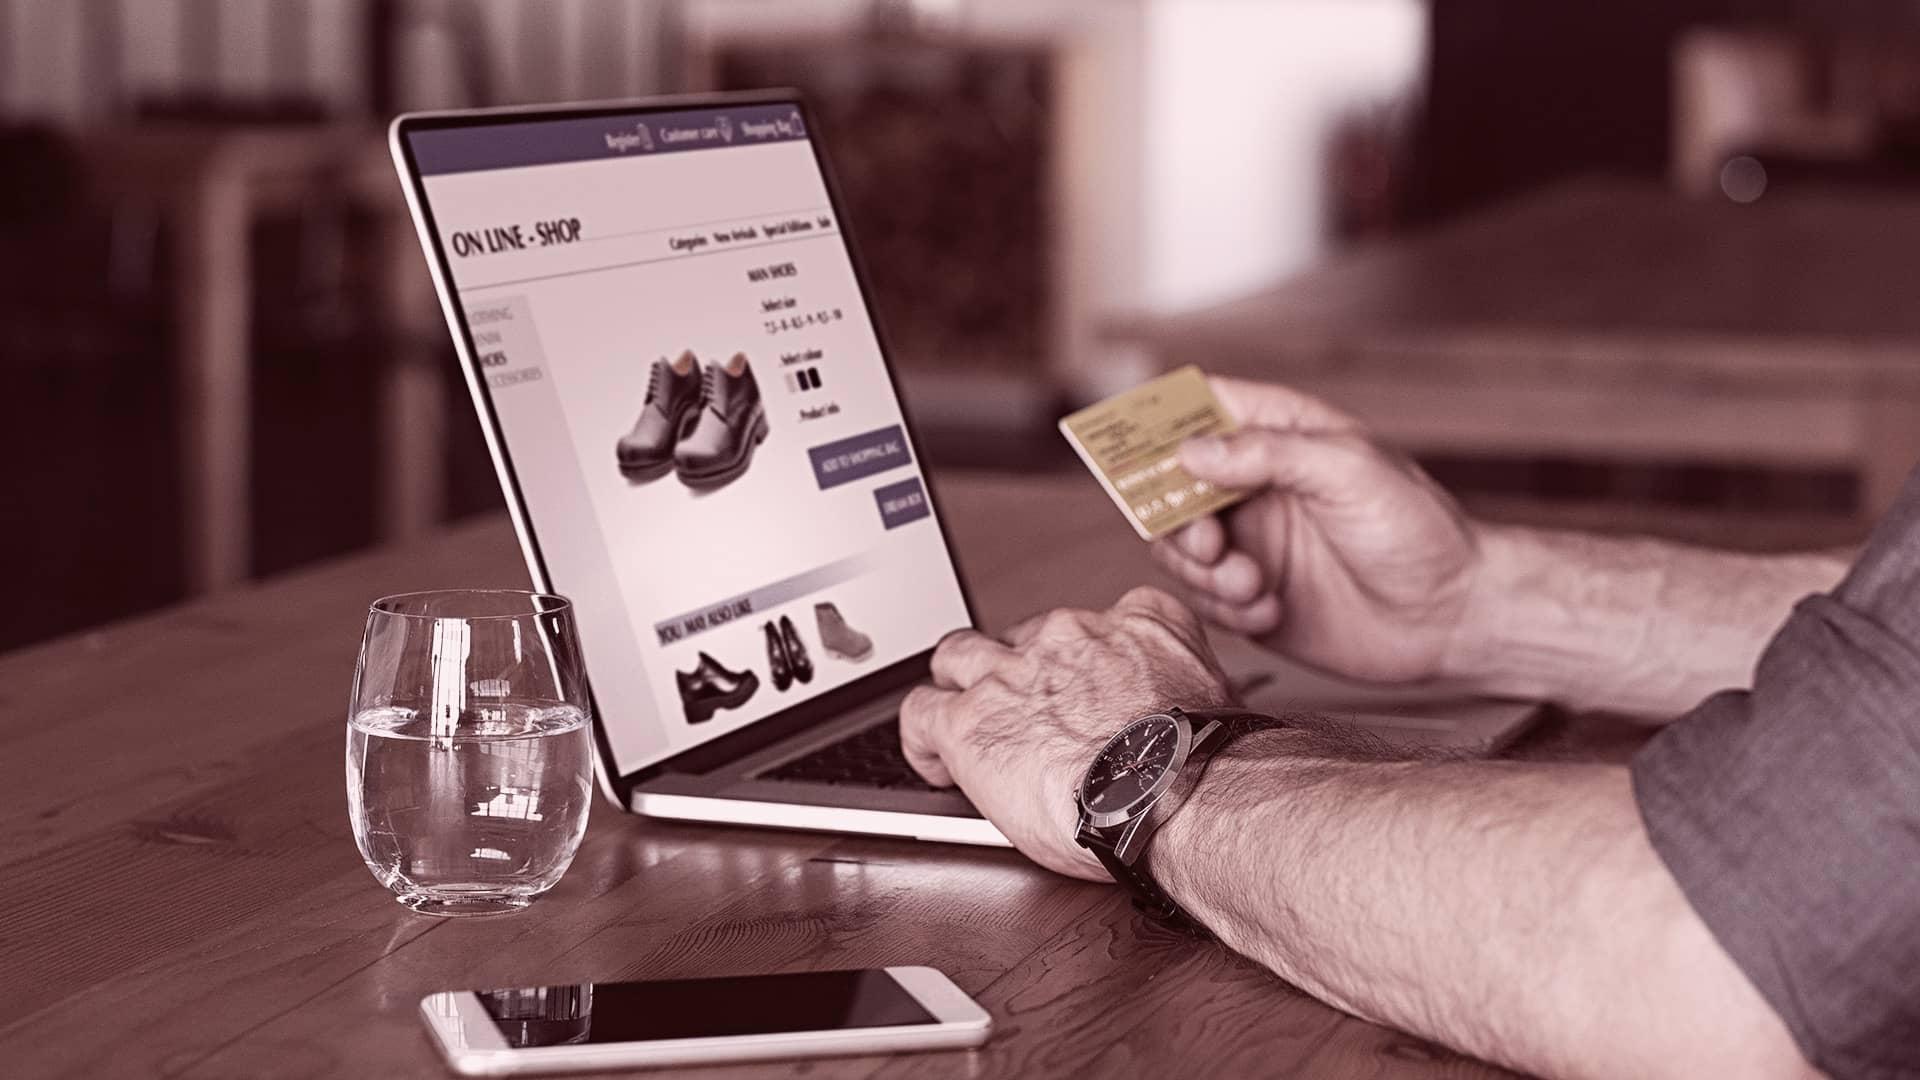 La reforma del IVA en ecommerce será aplicable a partir del 1 de julio